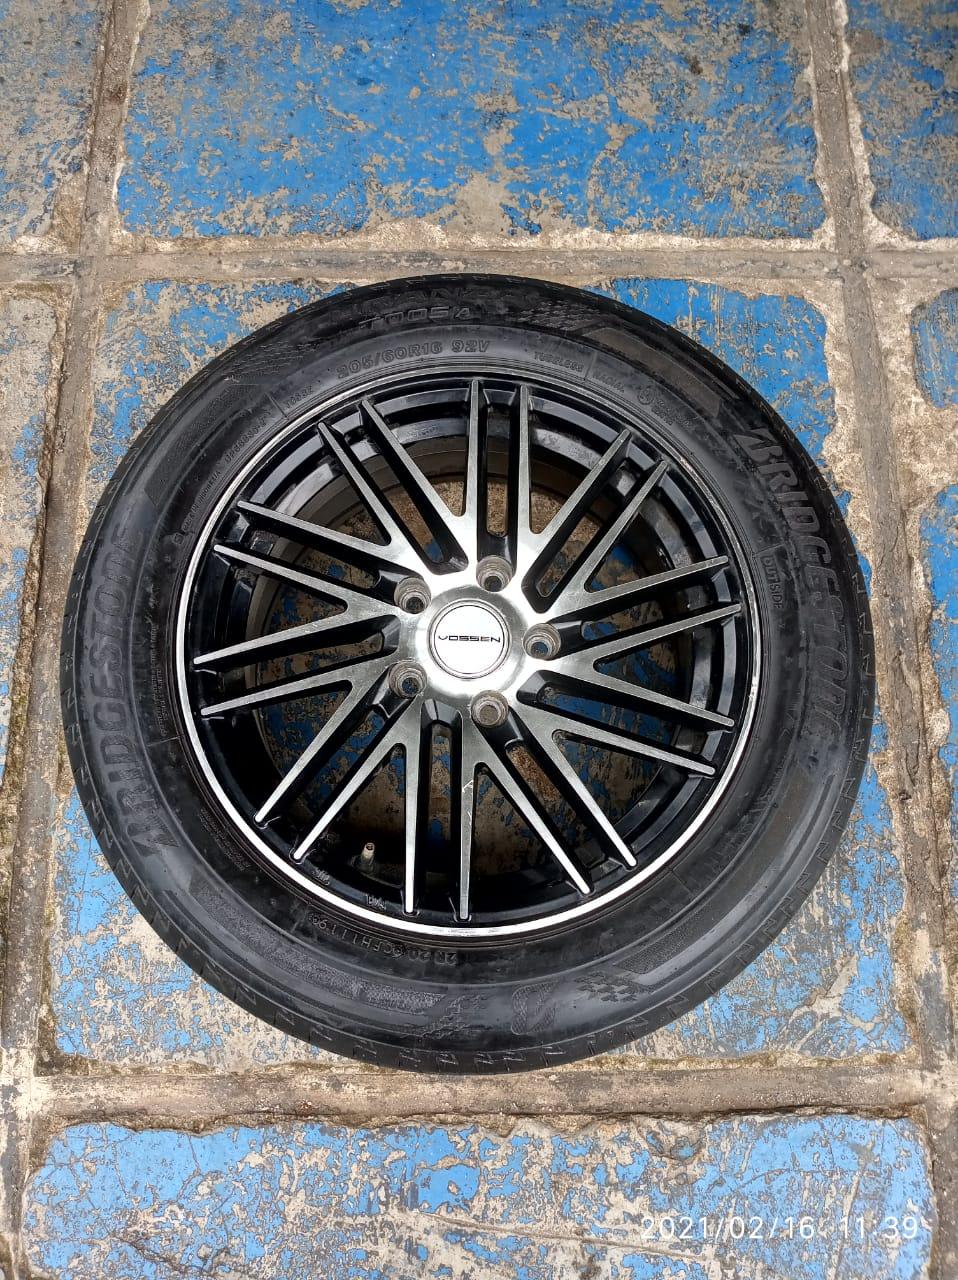 tersedia velg bekas mobil ring 16×7 pcd 5×114 seken murah plus ban